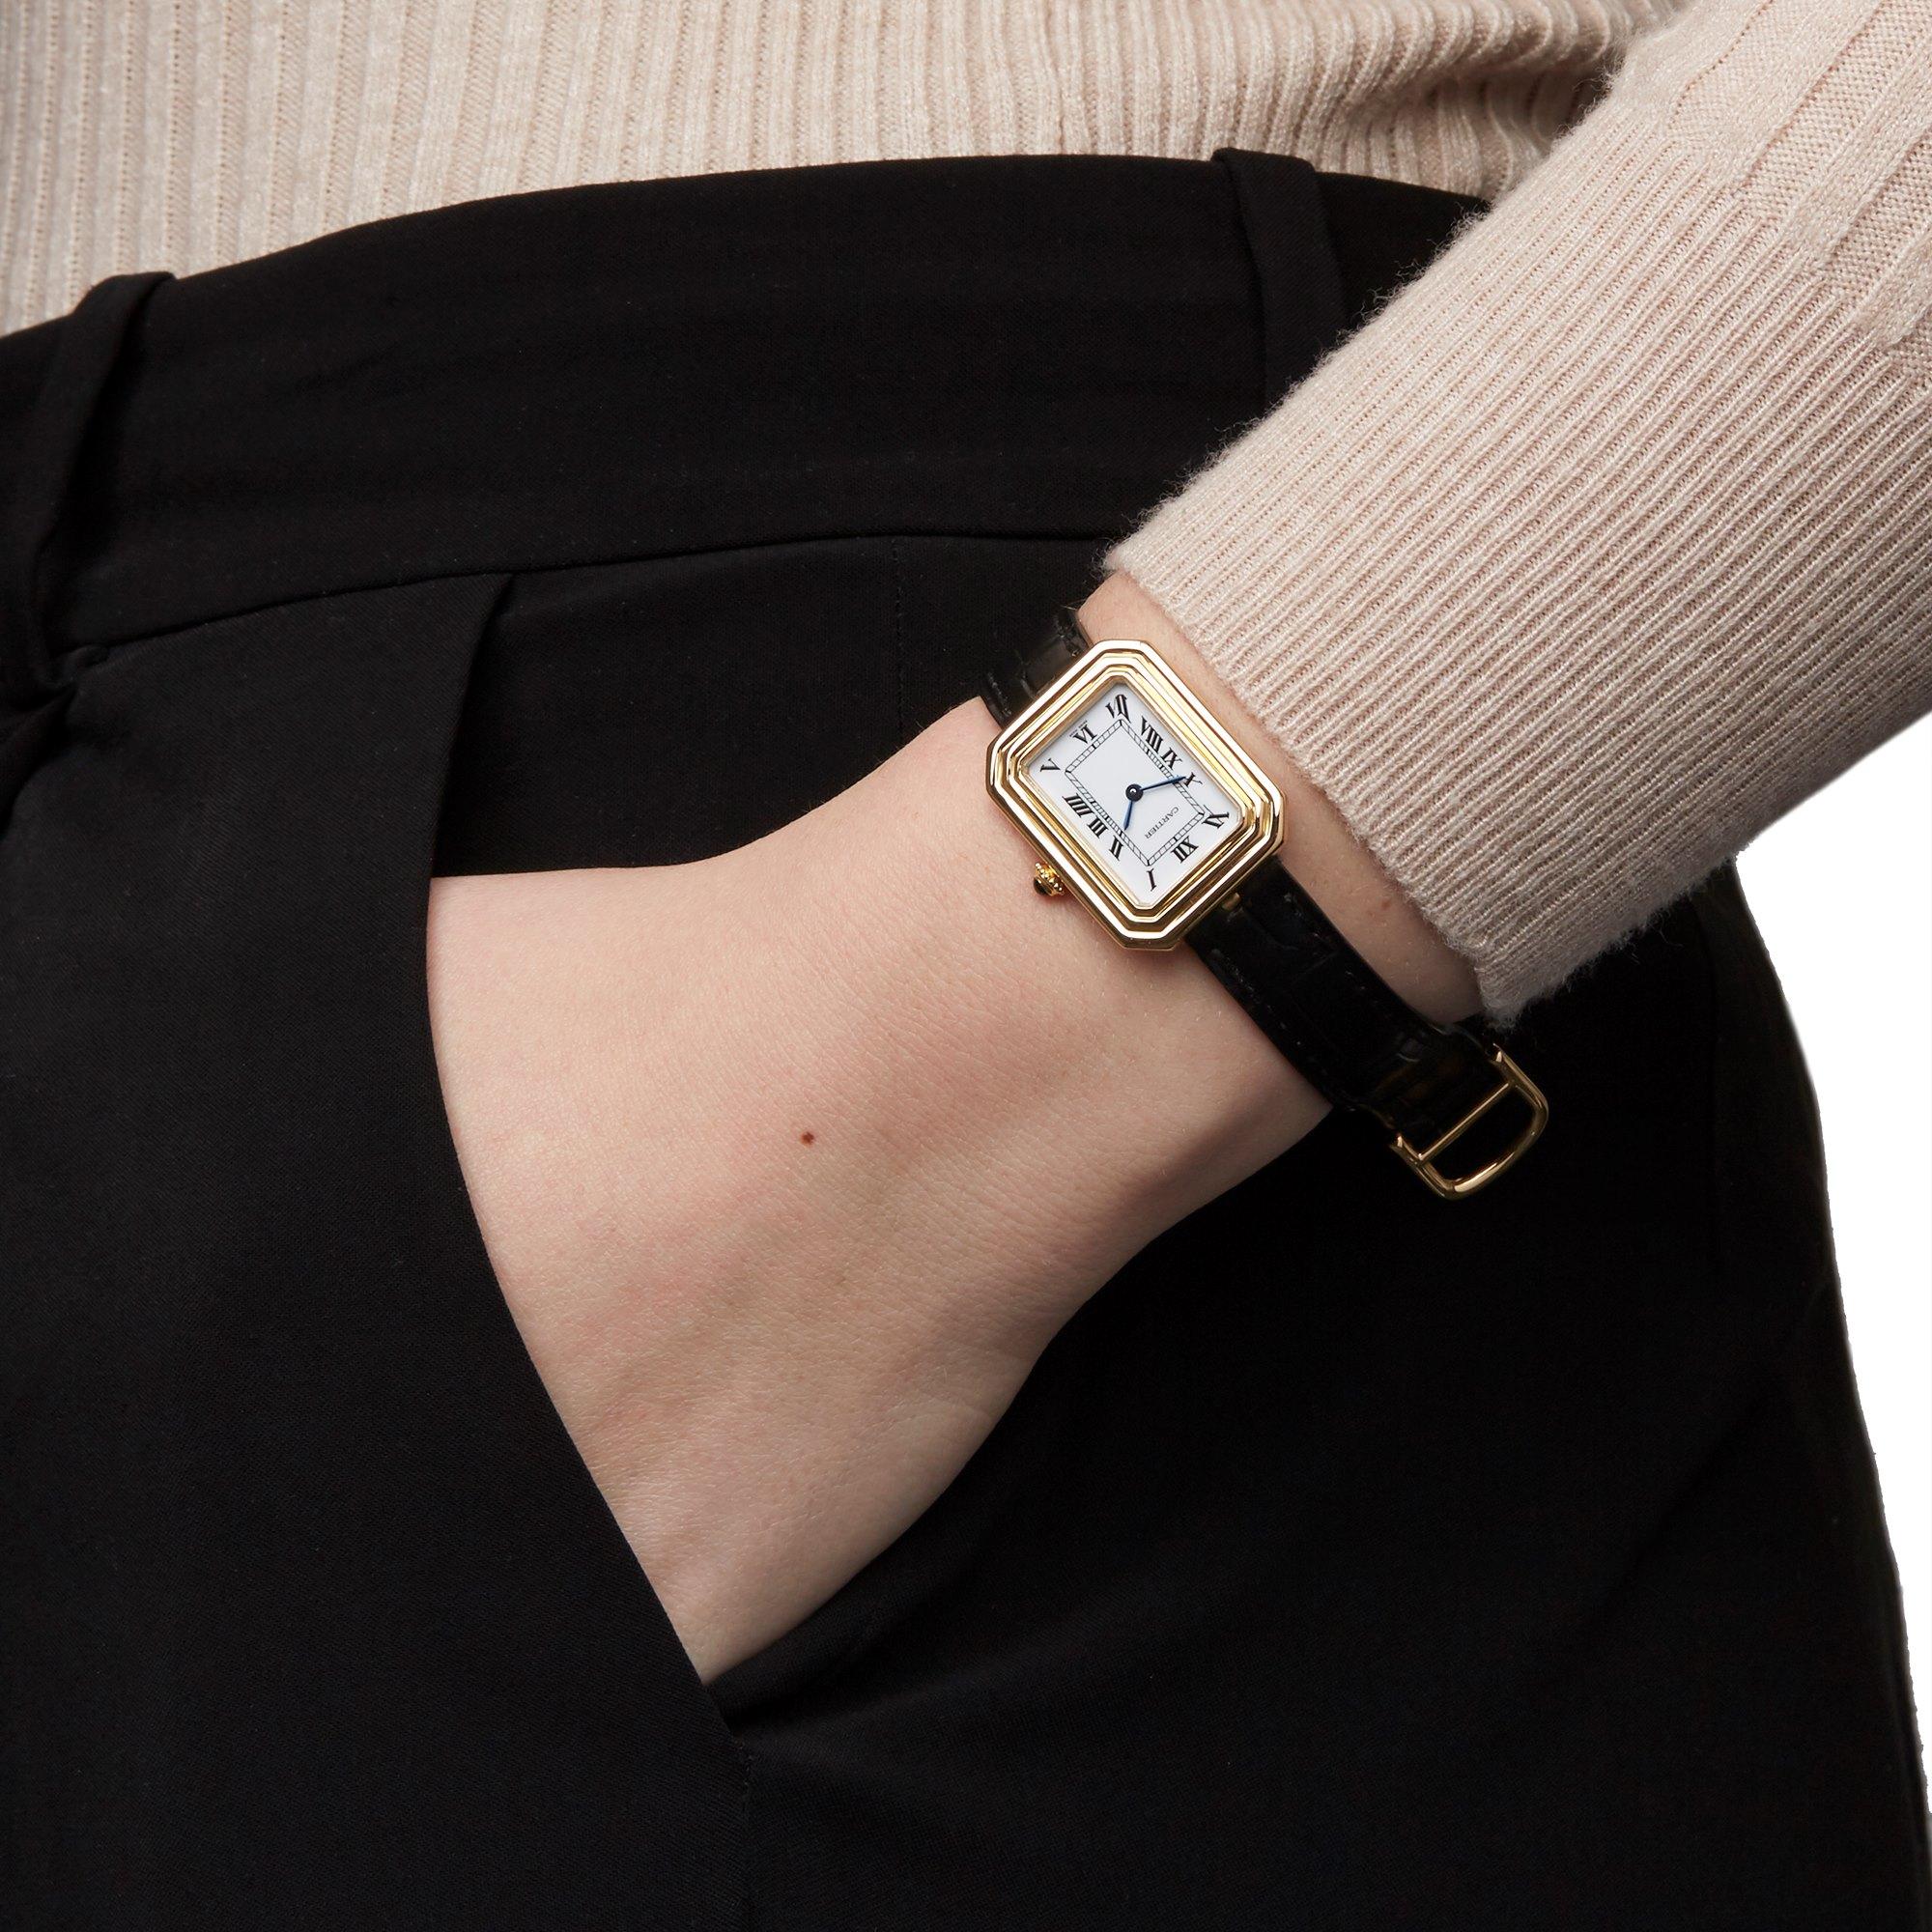 Cartier Cristallor Paris Mecanique 18K Yellow Gold 7809